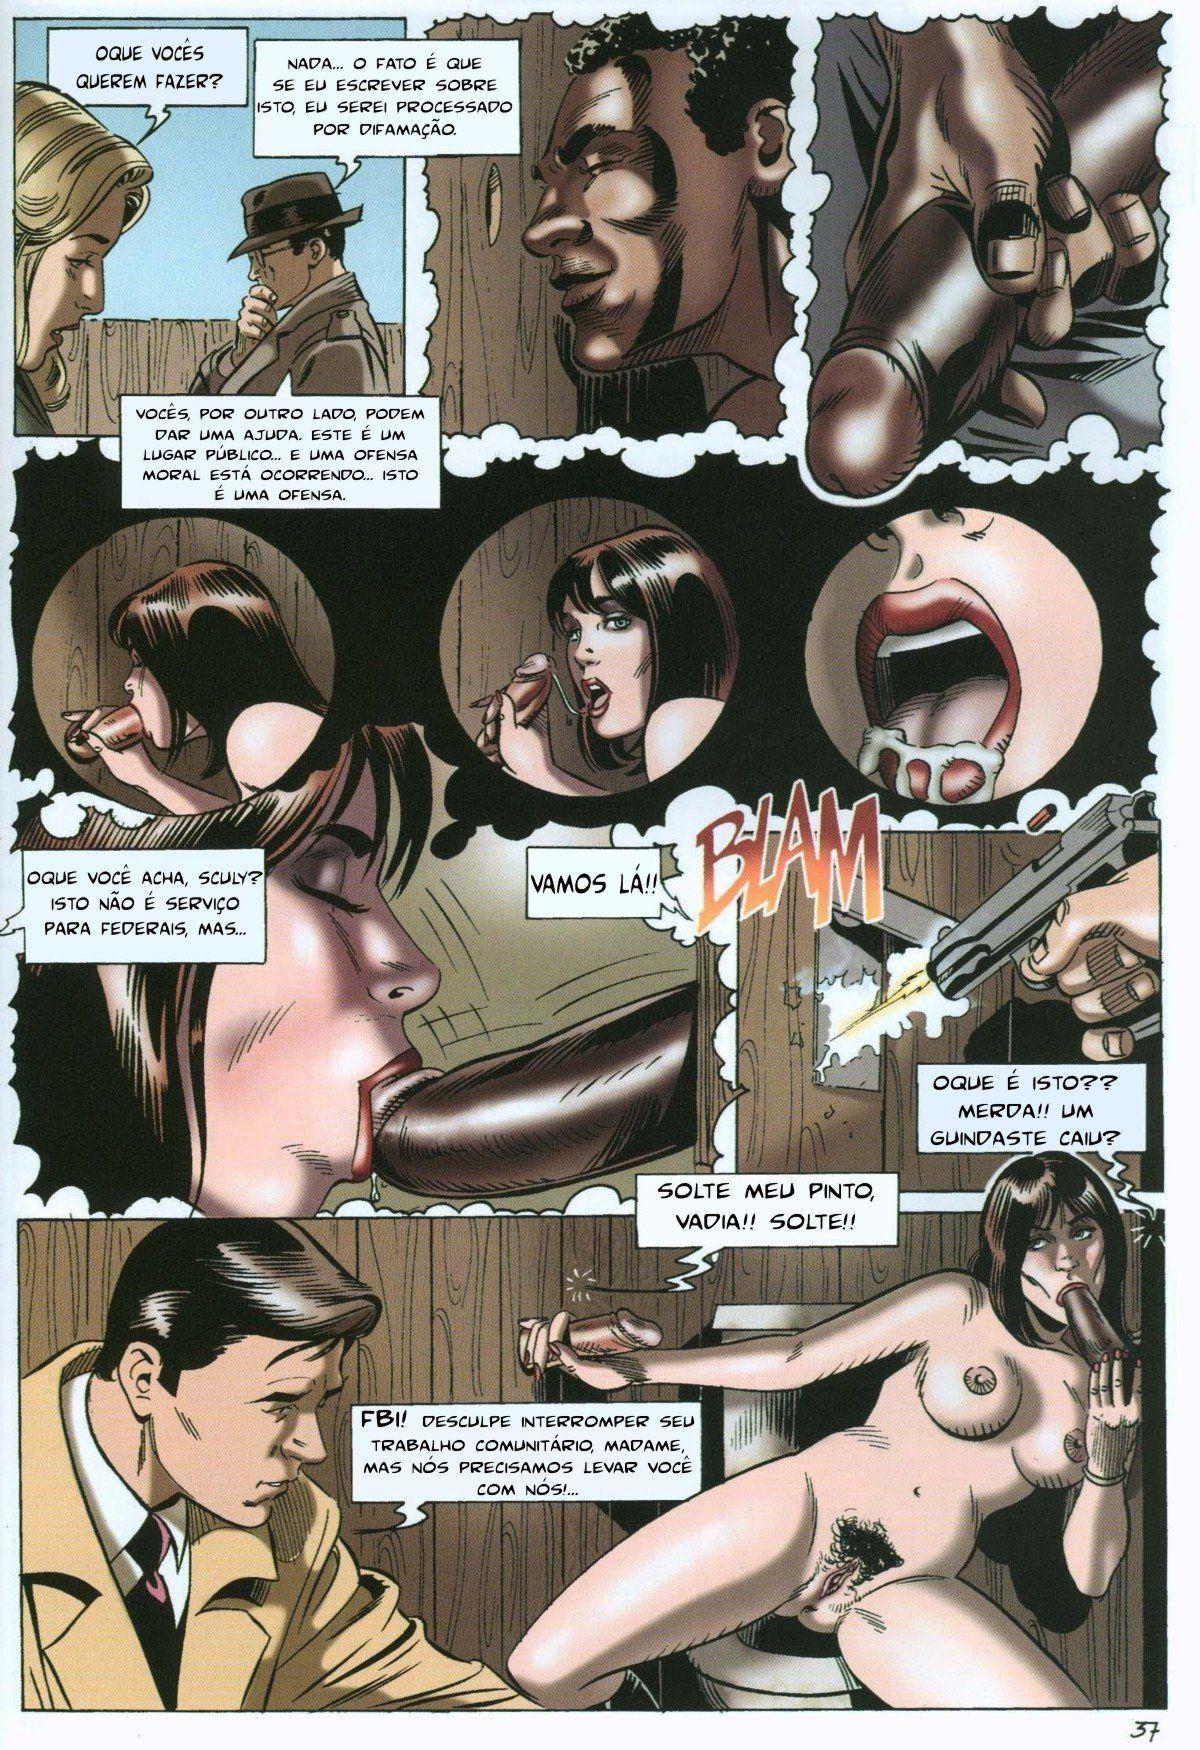 A vingança da ninfomaníaca - Contos Eróticos (38)